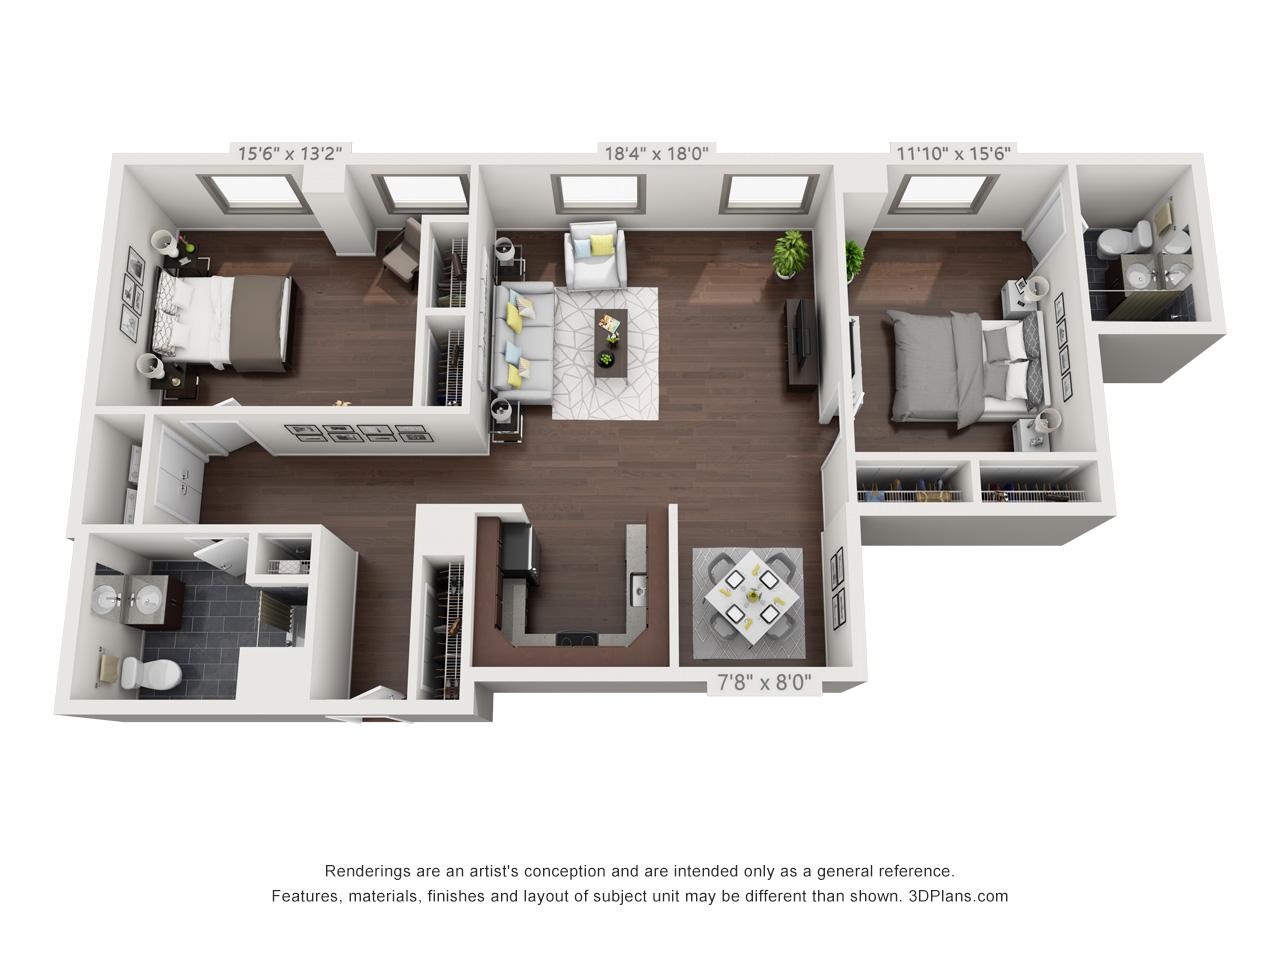 best fairmount apartments - 2 bedroom